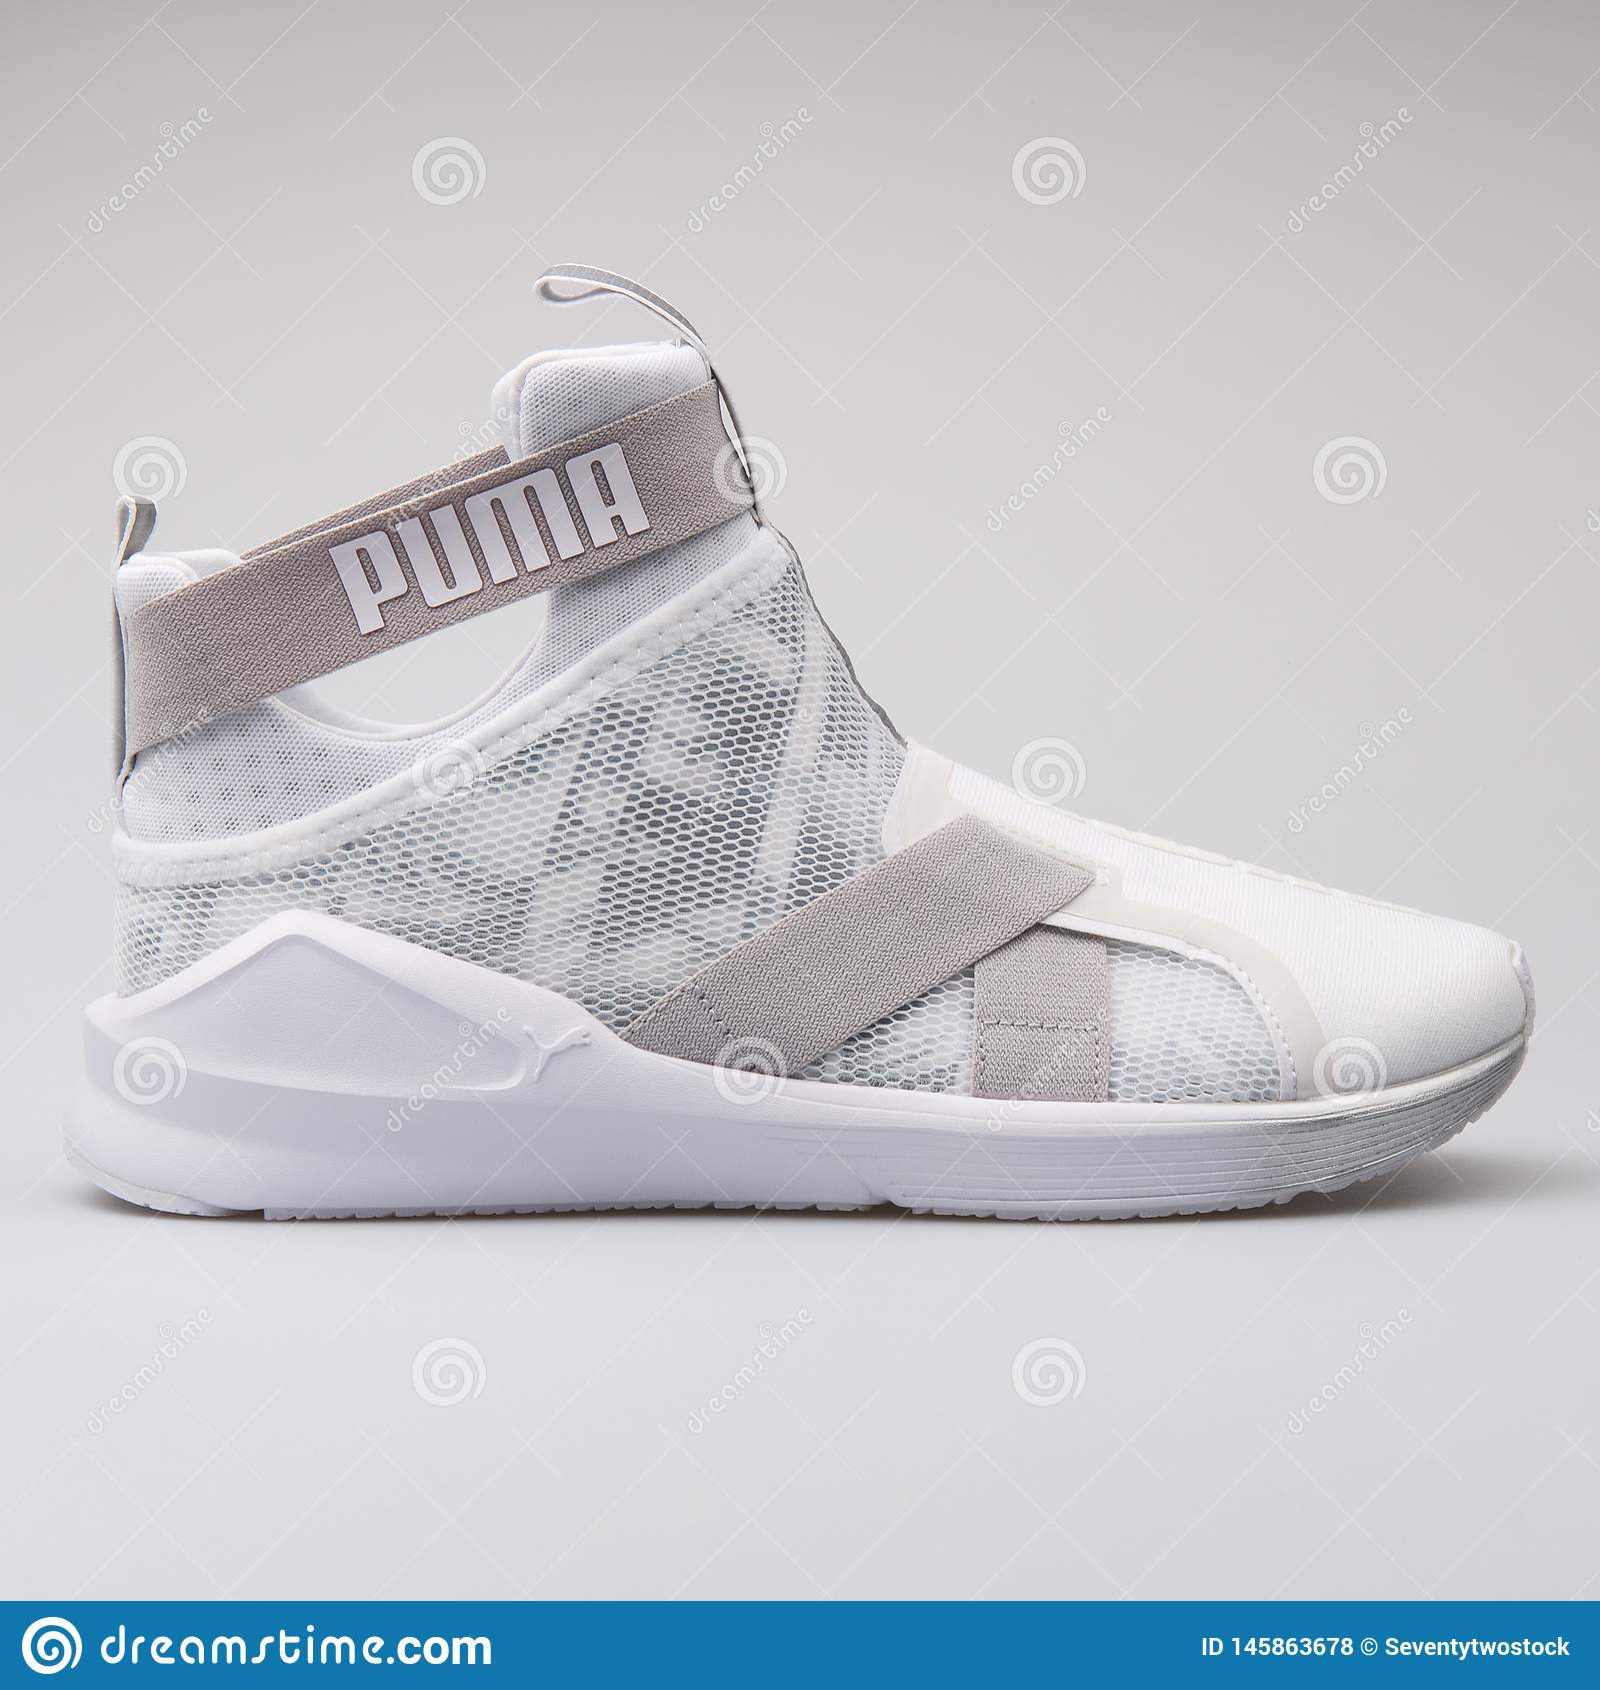 Puma Fierce Strap Swan White Sneaker